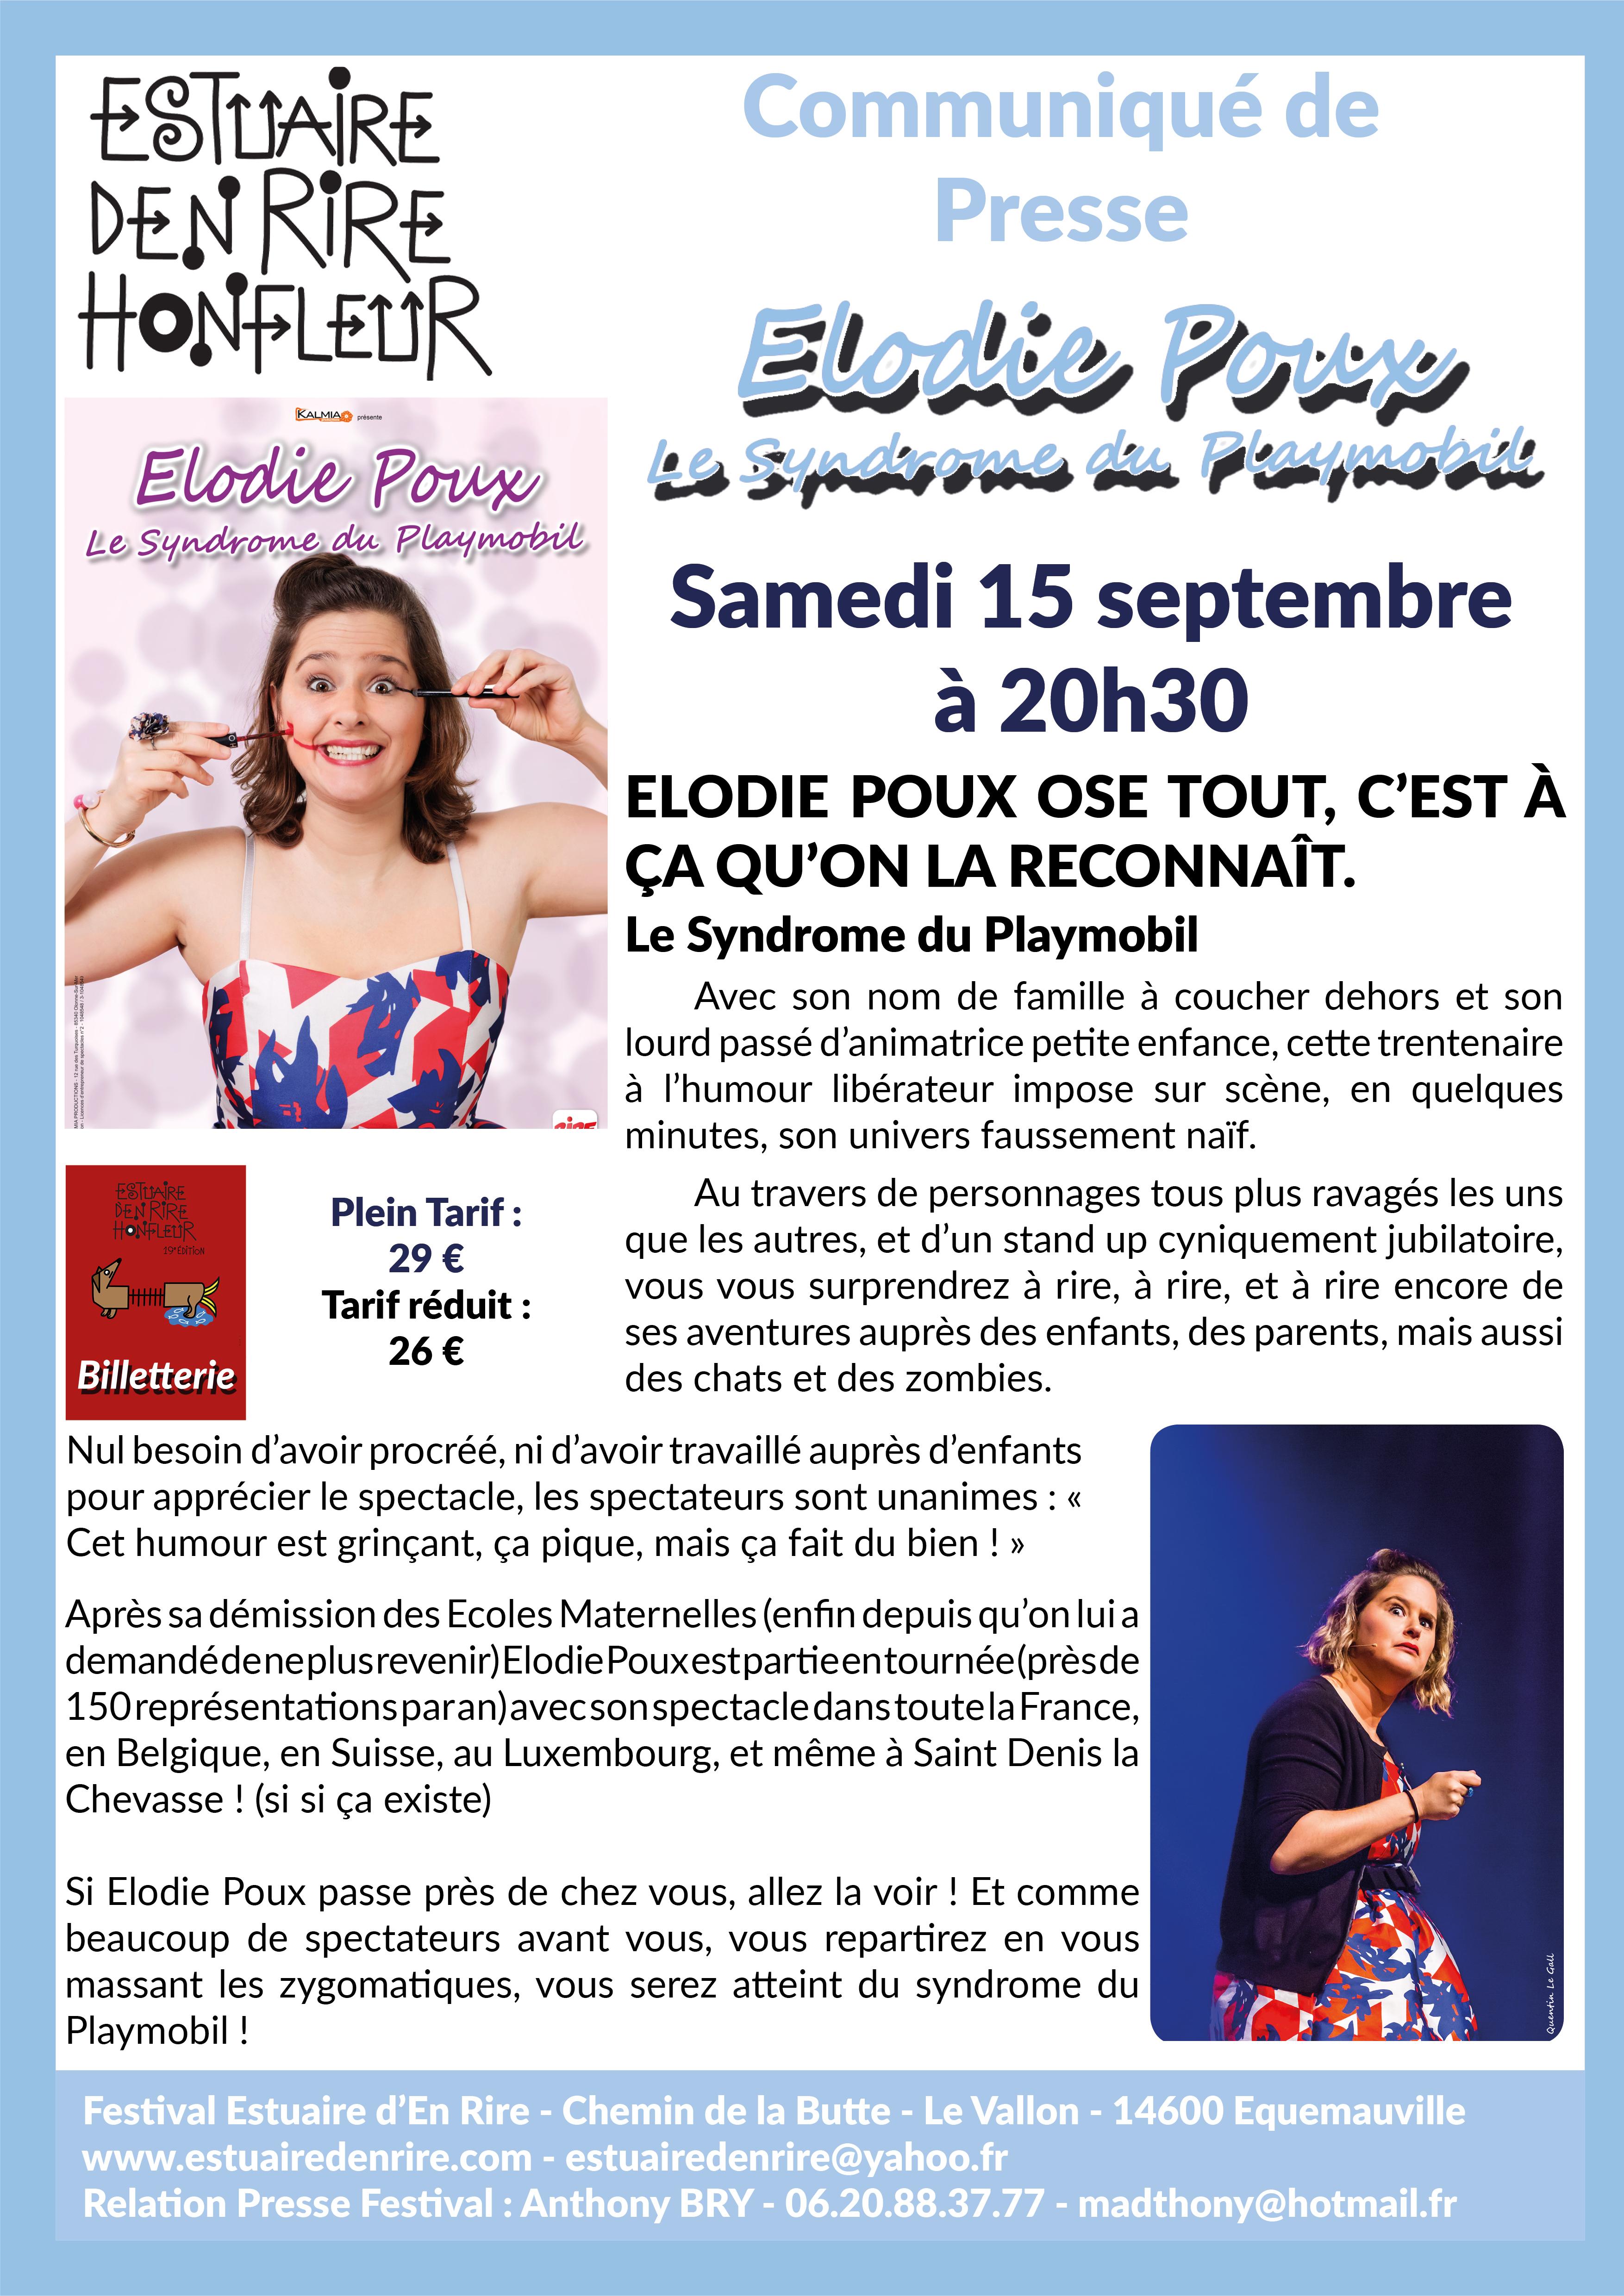 06_-_Communiqué_de_Presse_-_Elodie_Poux